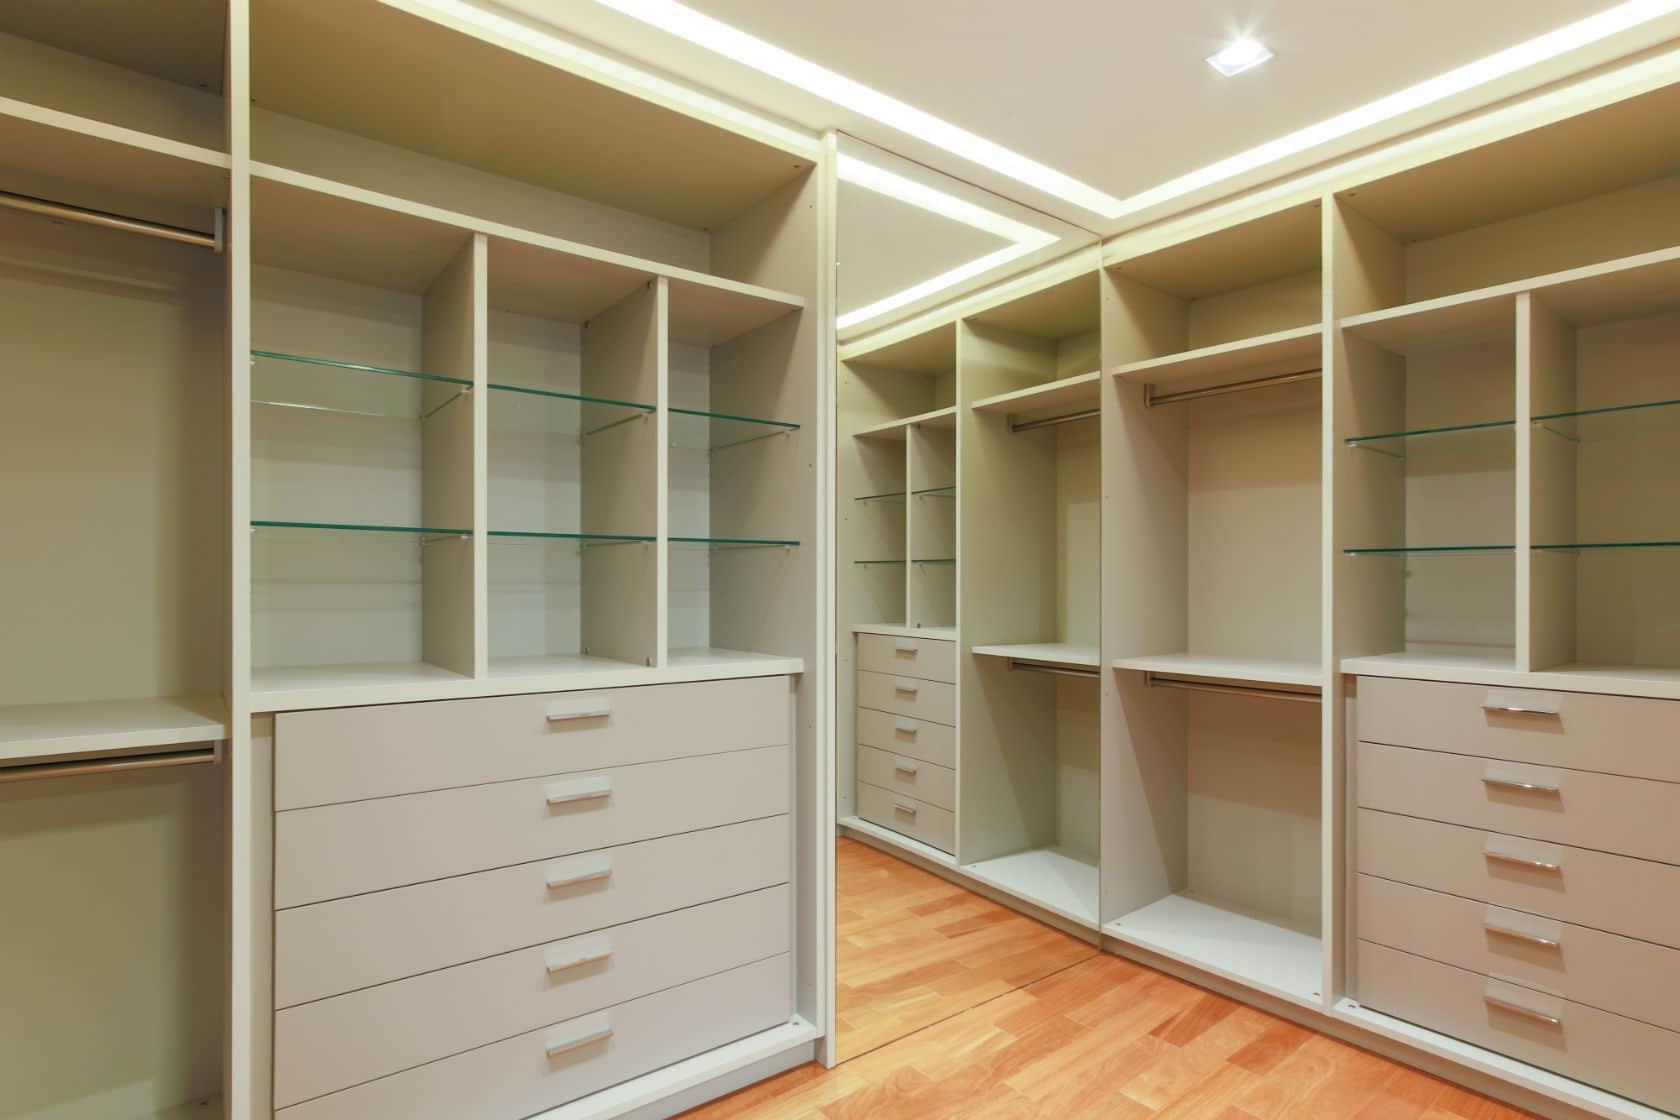 Closet precisa ser bem dimensionado para atender necessidades atuais e futuras